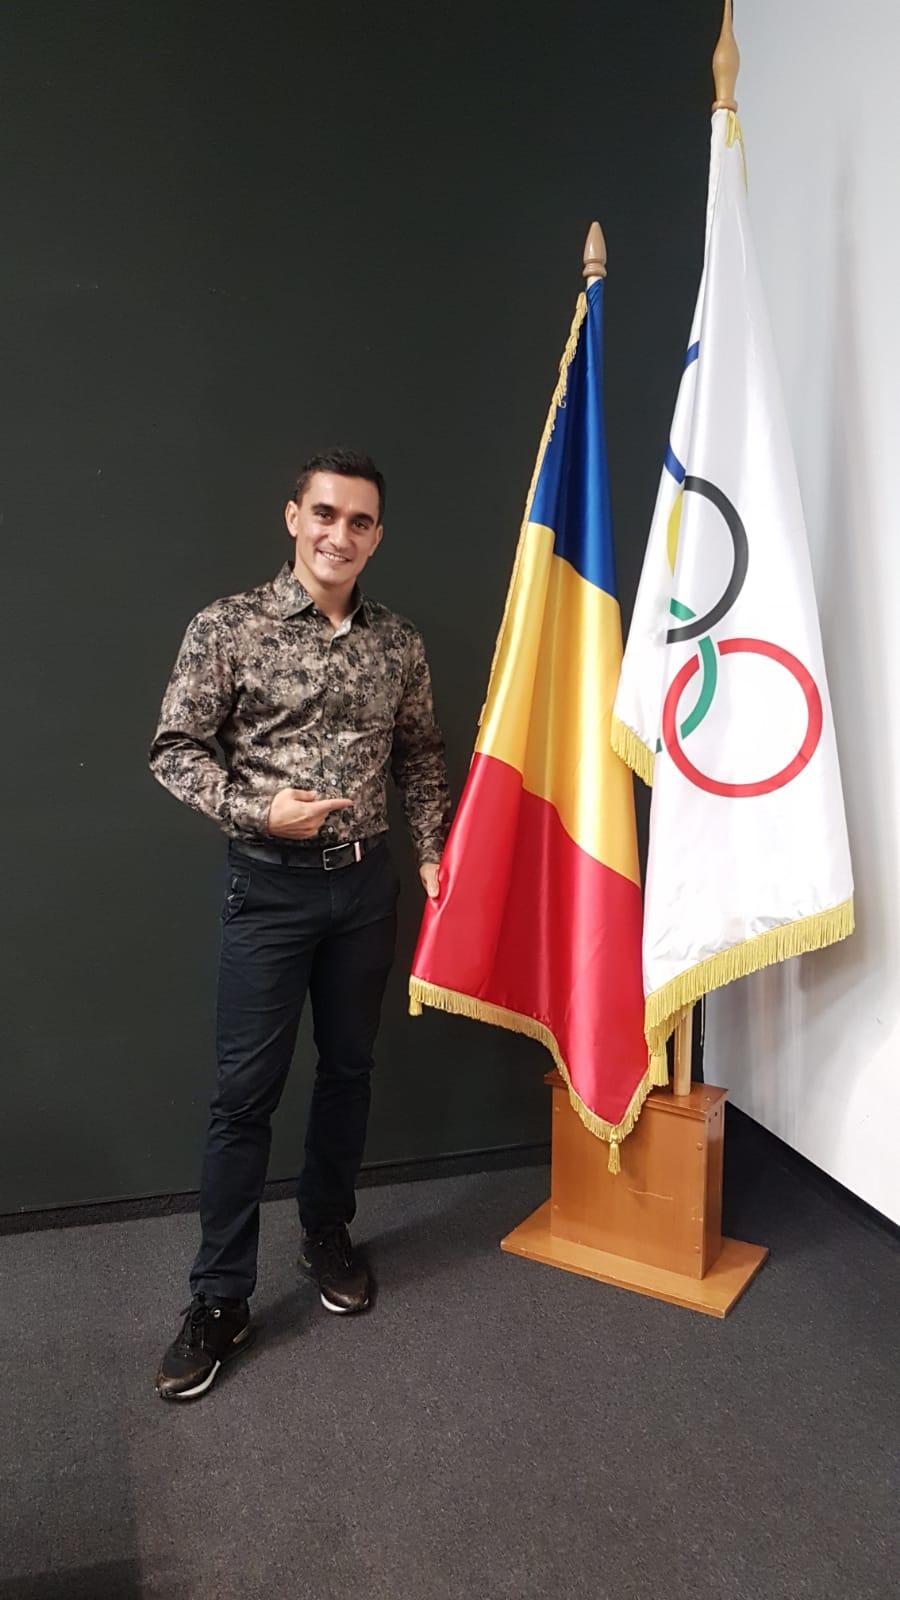 Olimpiada de la Tokyo! Marian Drăgulescu, locul 5 la sărituri după prima subdiviziune 69